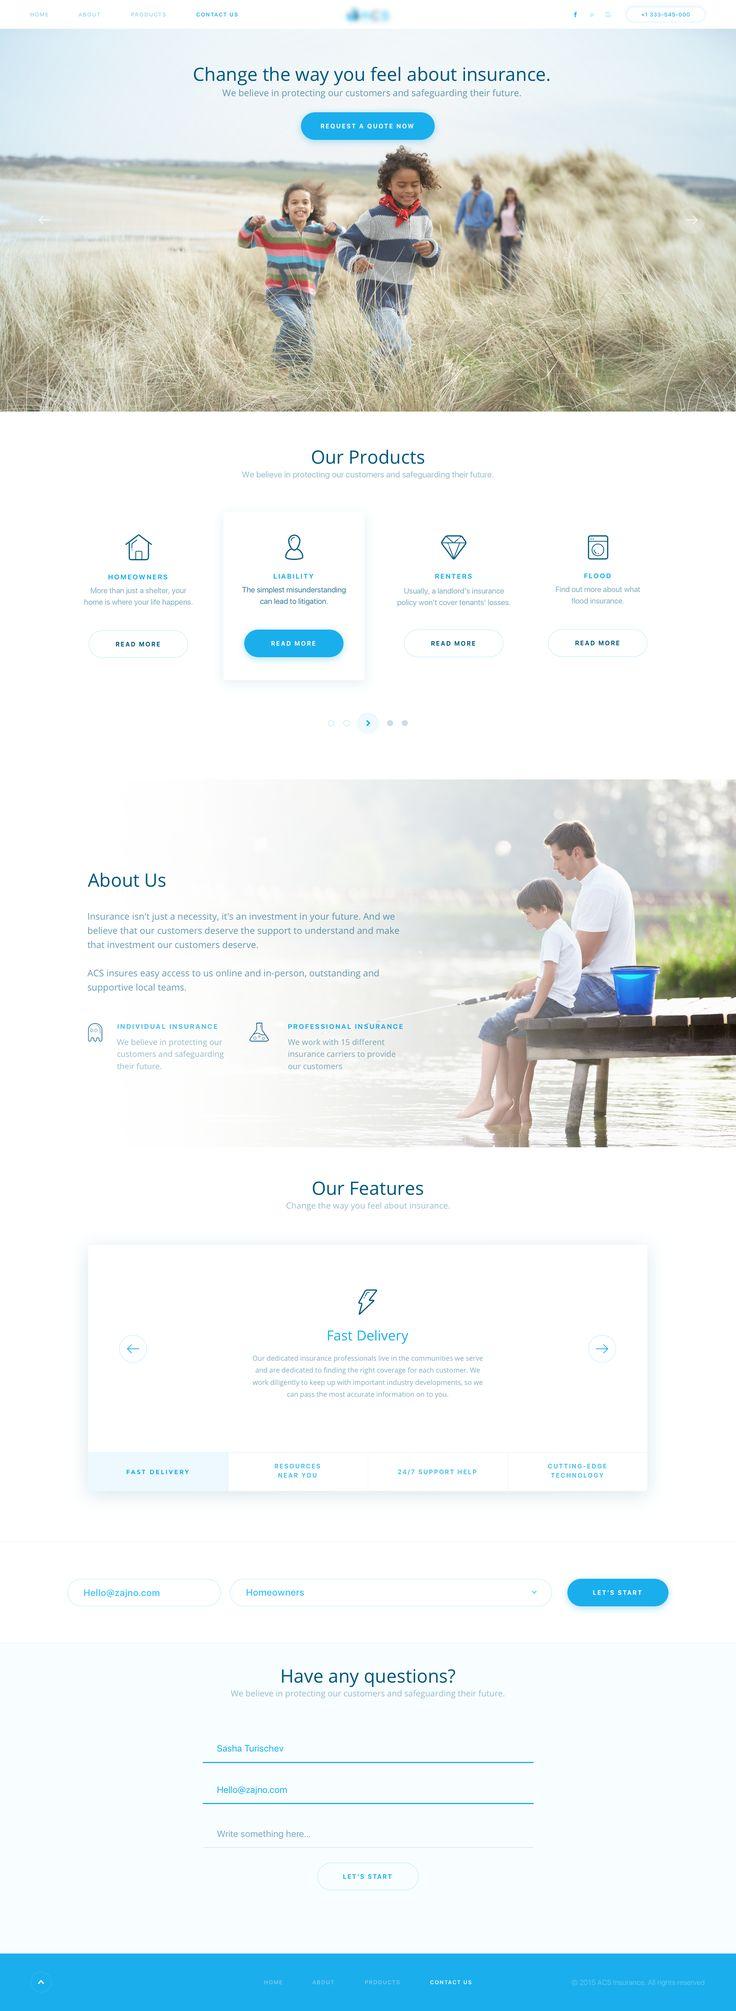 Homepage insurance blurred